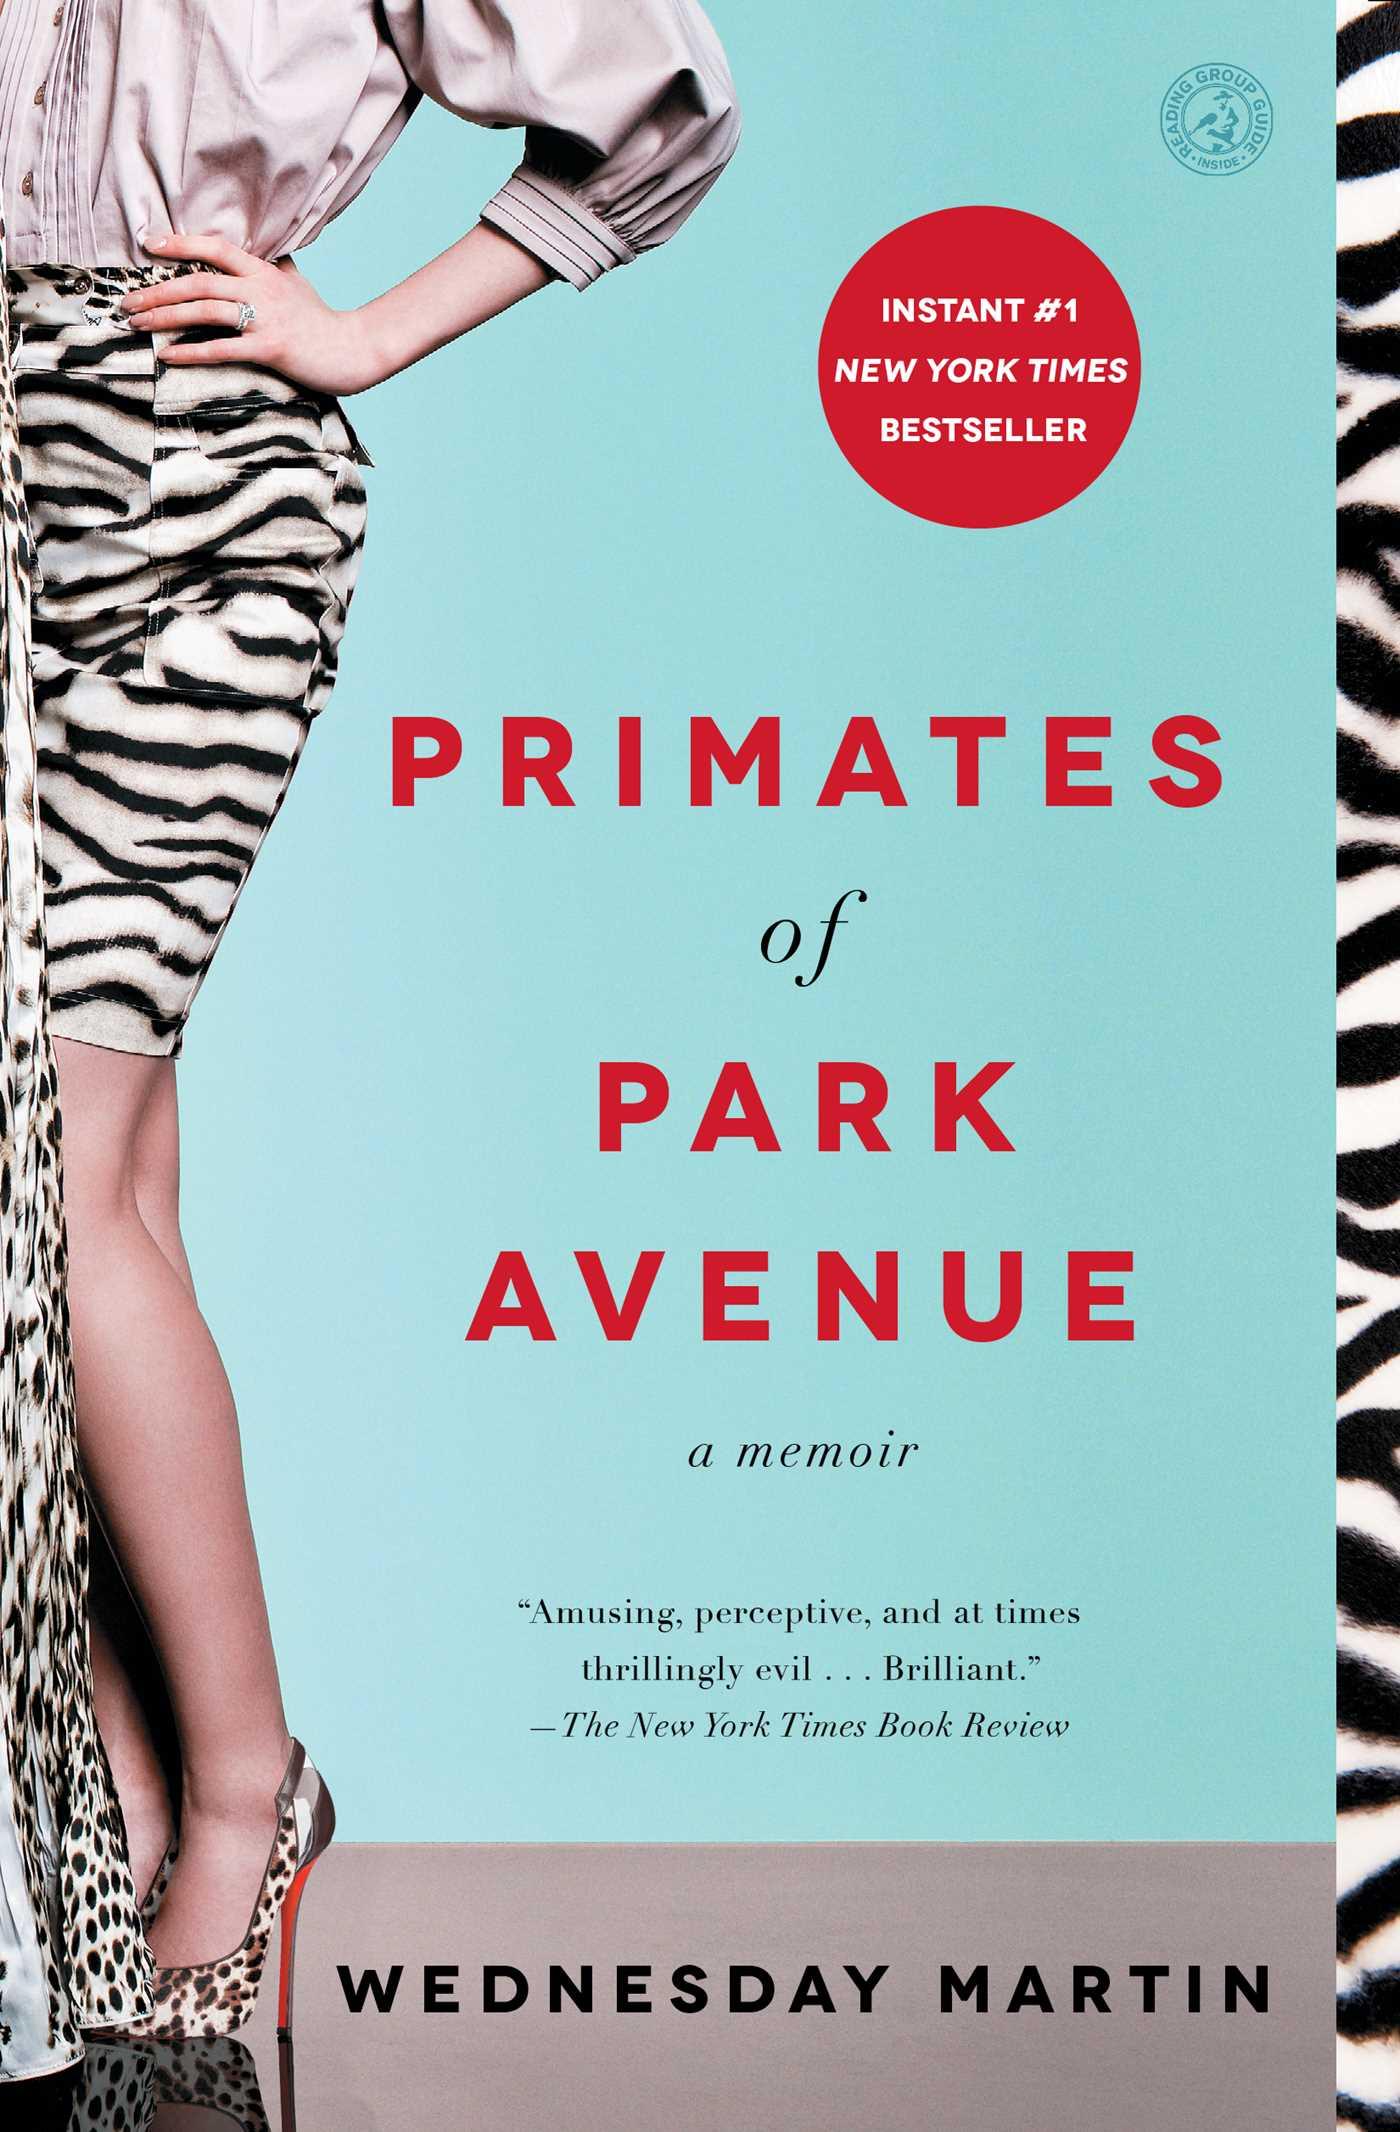 Primates of park avenue 9781476762715 hr